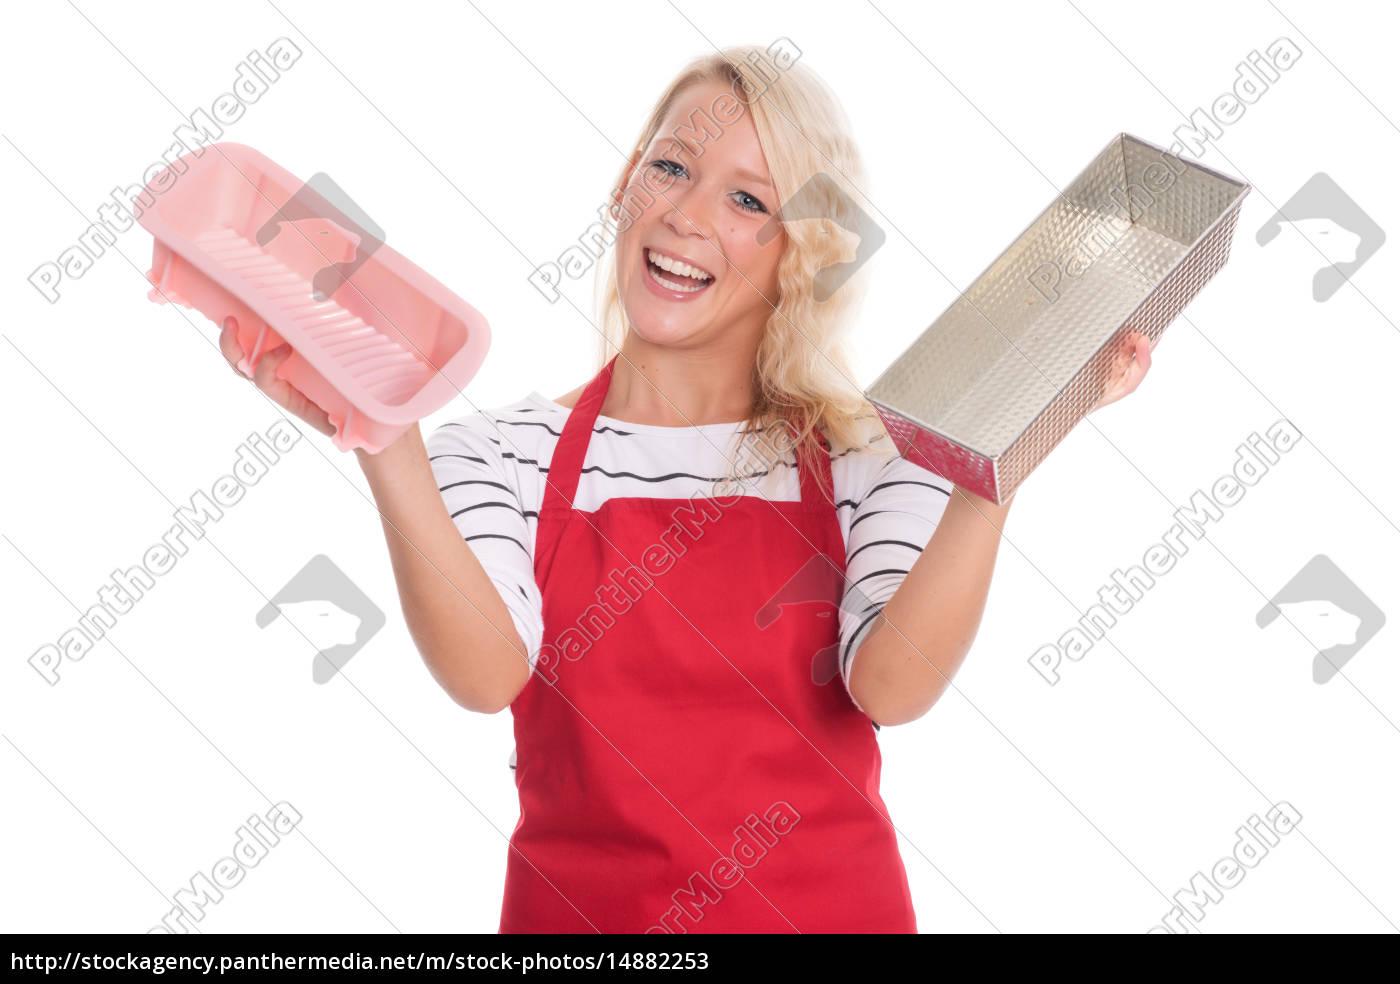 hausfrau, in, küchenschürze, hält, verschiedene, backformen - 14882253